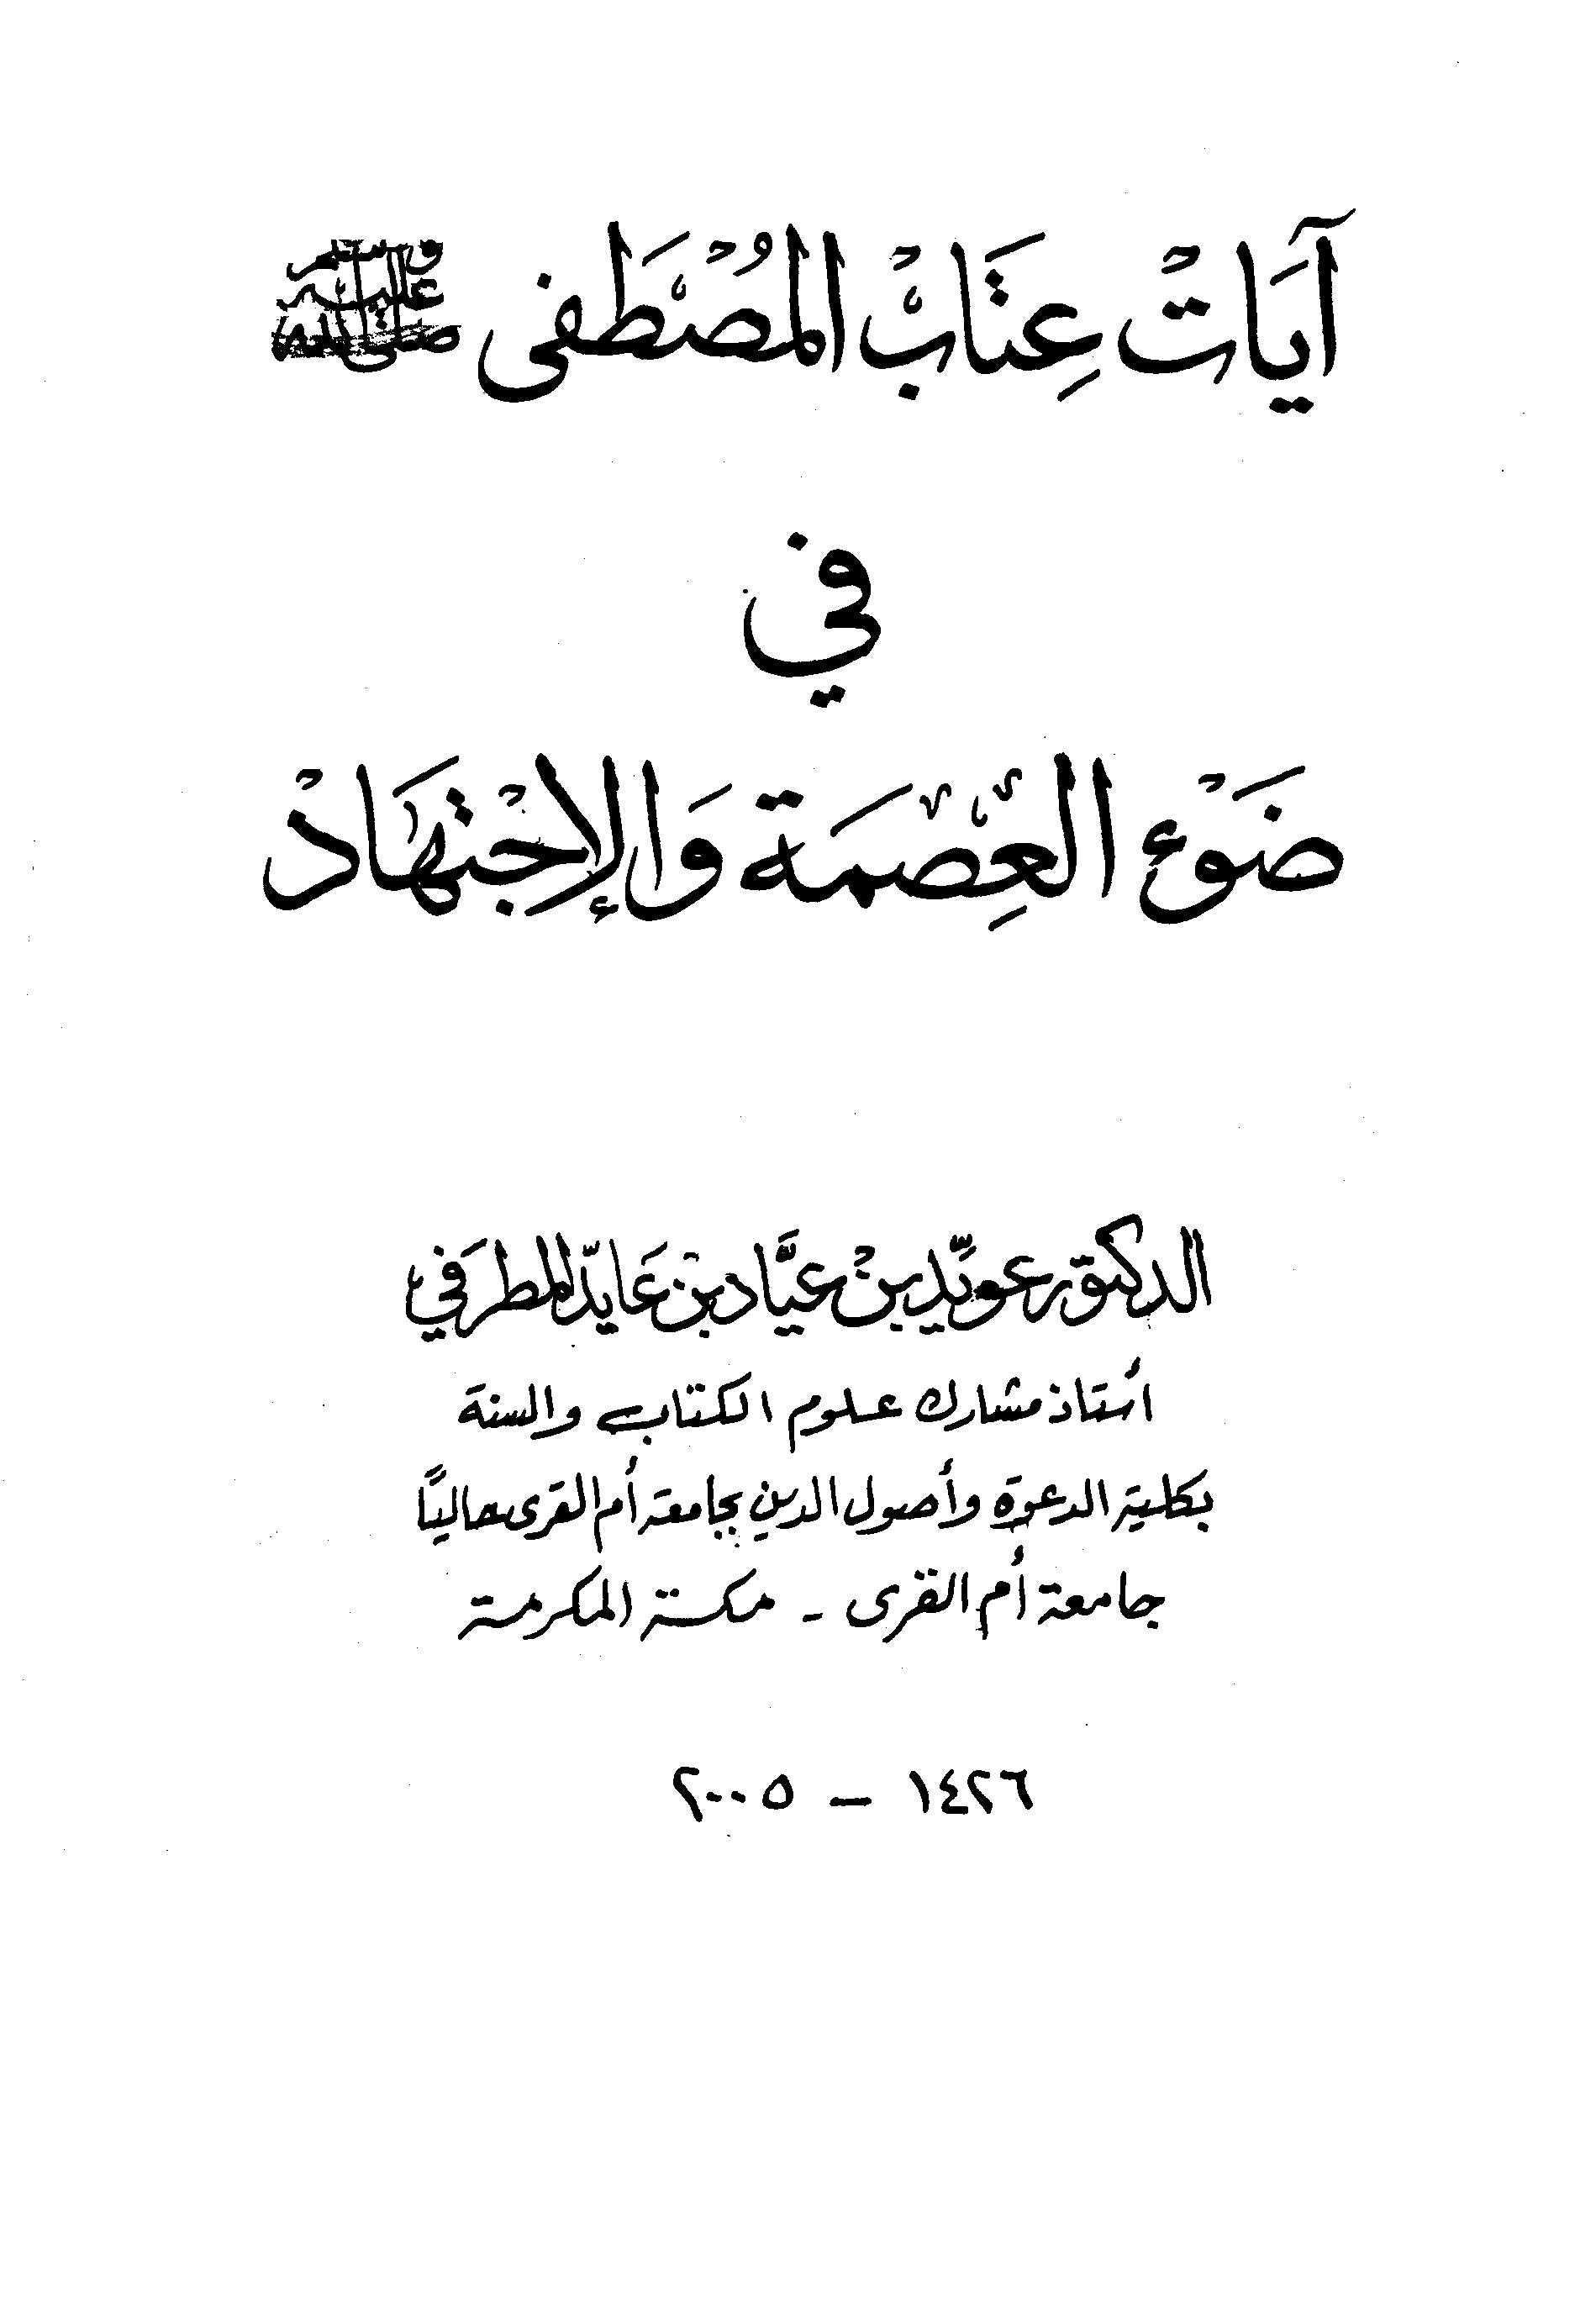 تحميل كتاب آيات عتاب المصطفى صلى الله عليه وسلم في ضوء العصمة والاجتهاد لـِ: الدكتور عويد بن عياد المطرفي الكحيلي الحربي (ت 1429)